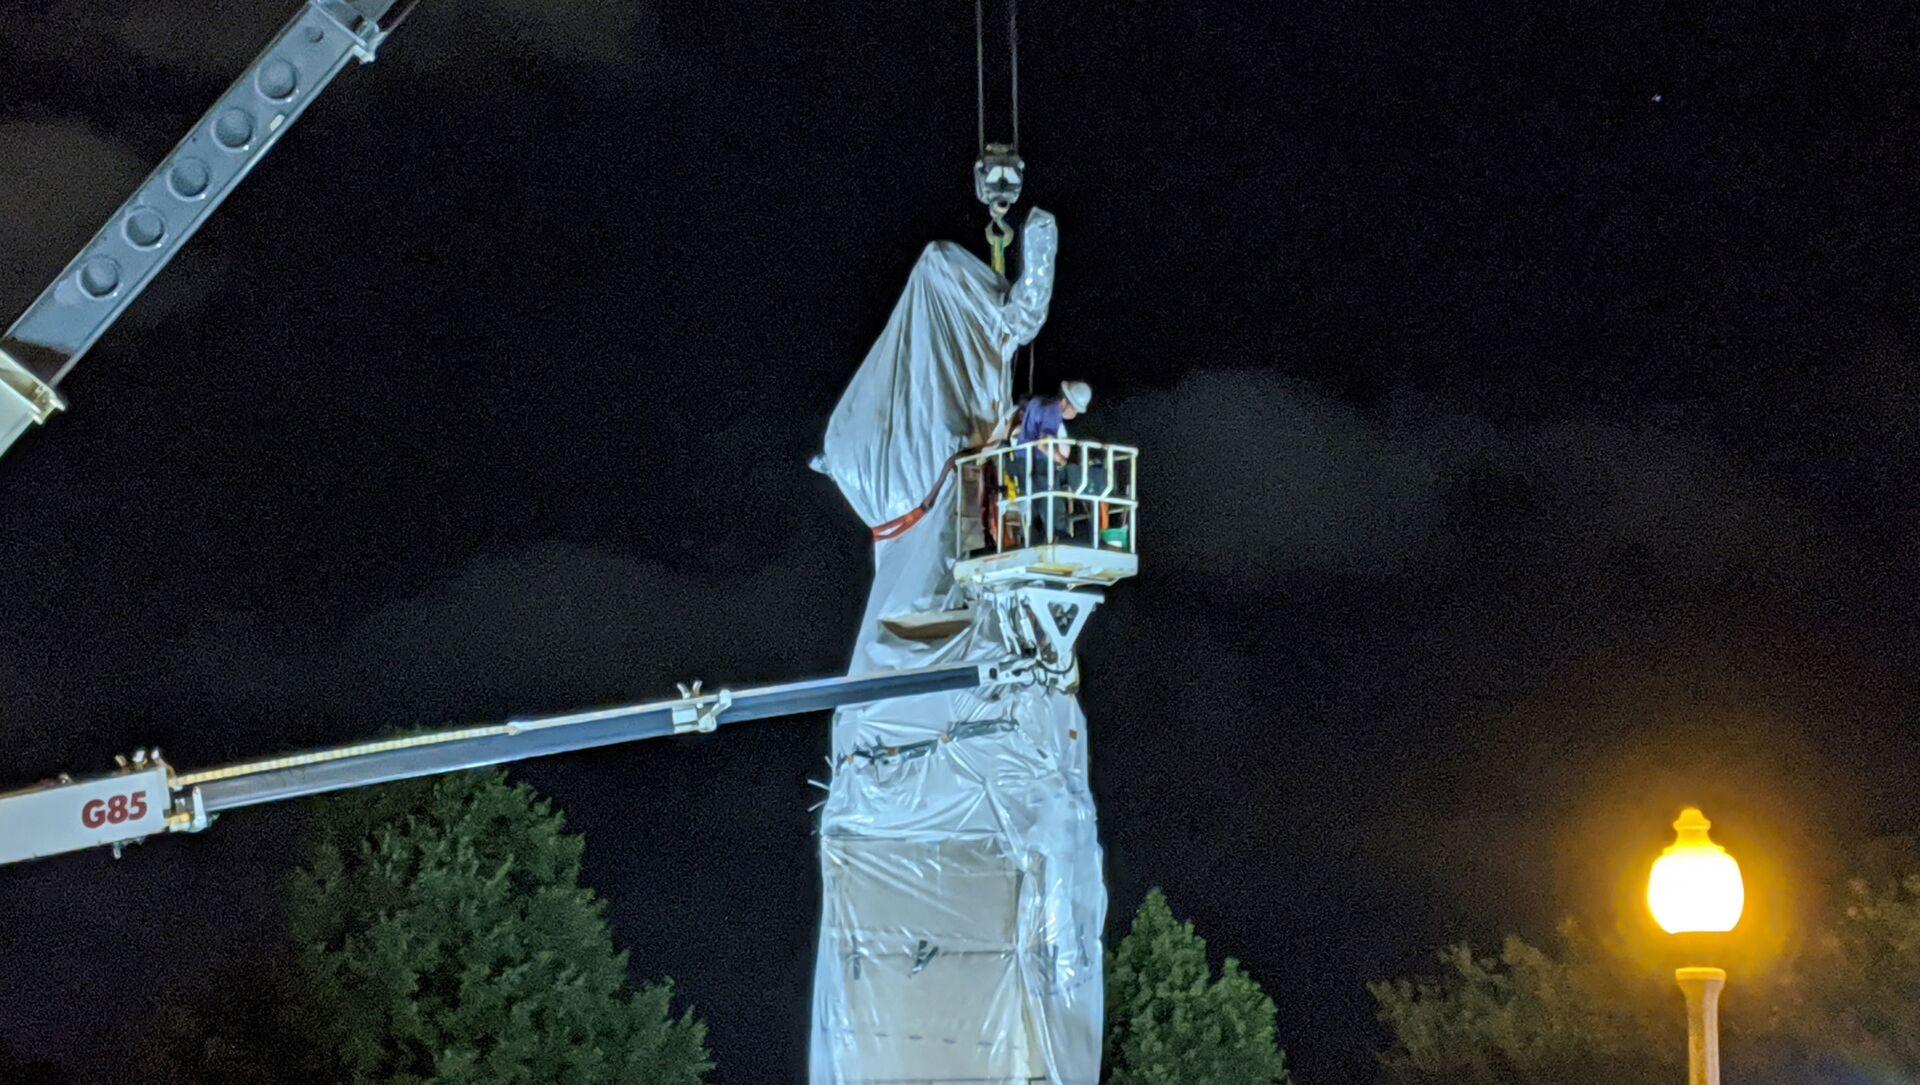 La statua di Cristoforo Colombo a Chicago - Sputnik Italia, 1920, 16.04.2021